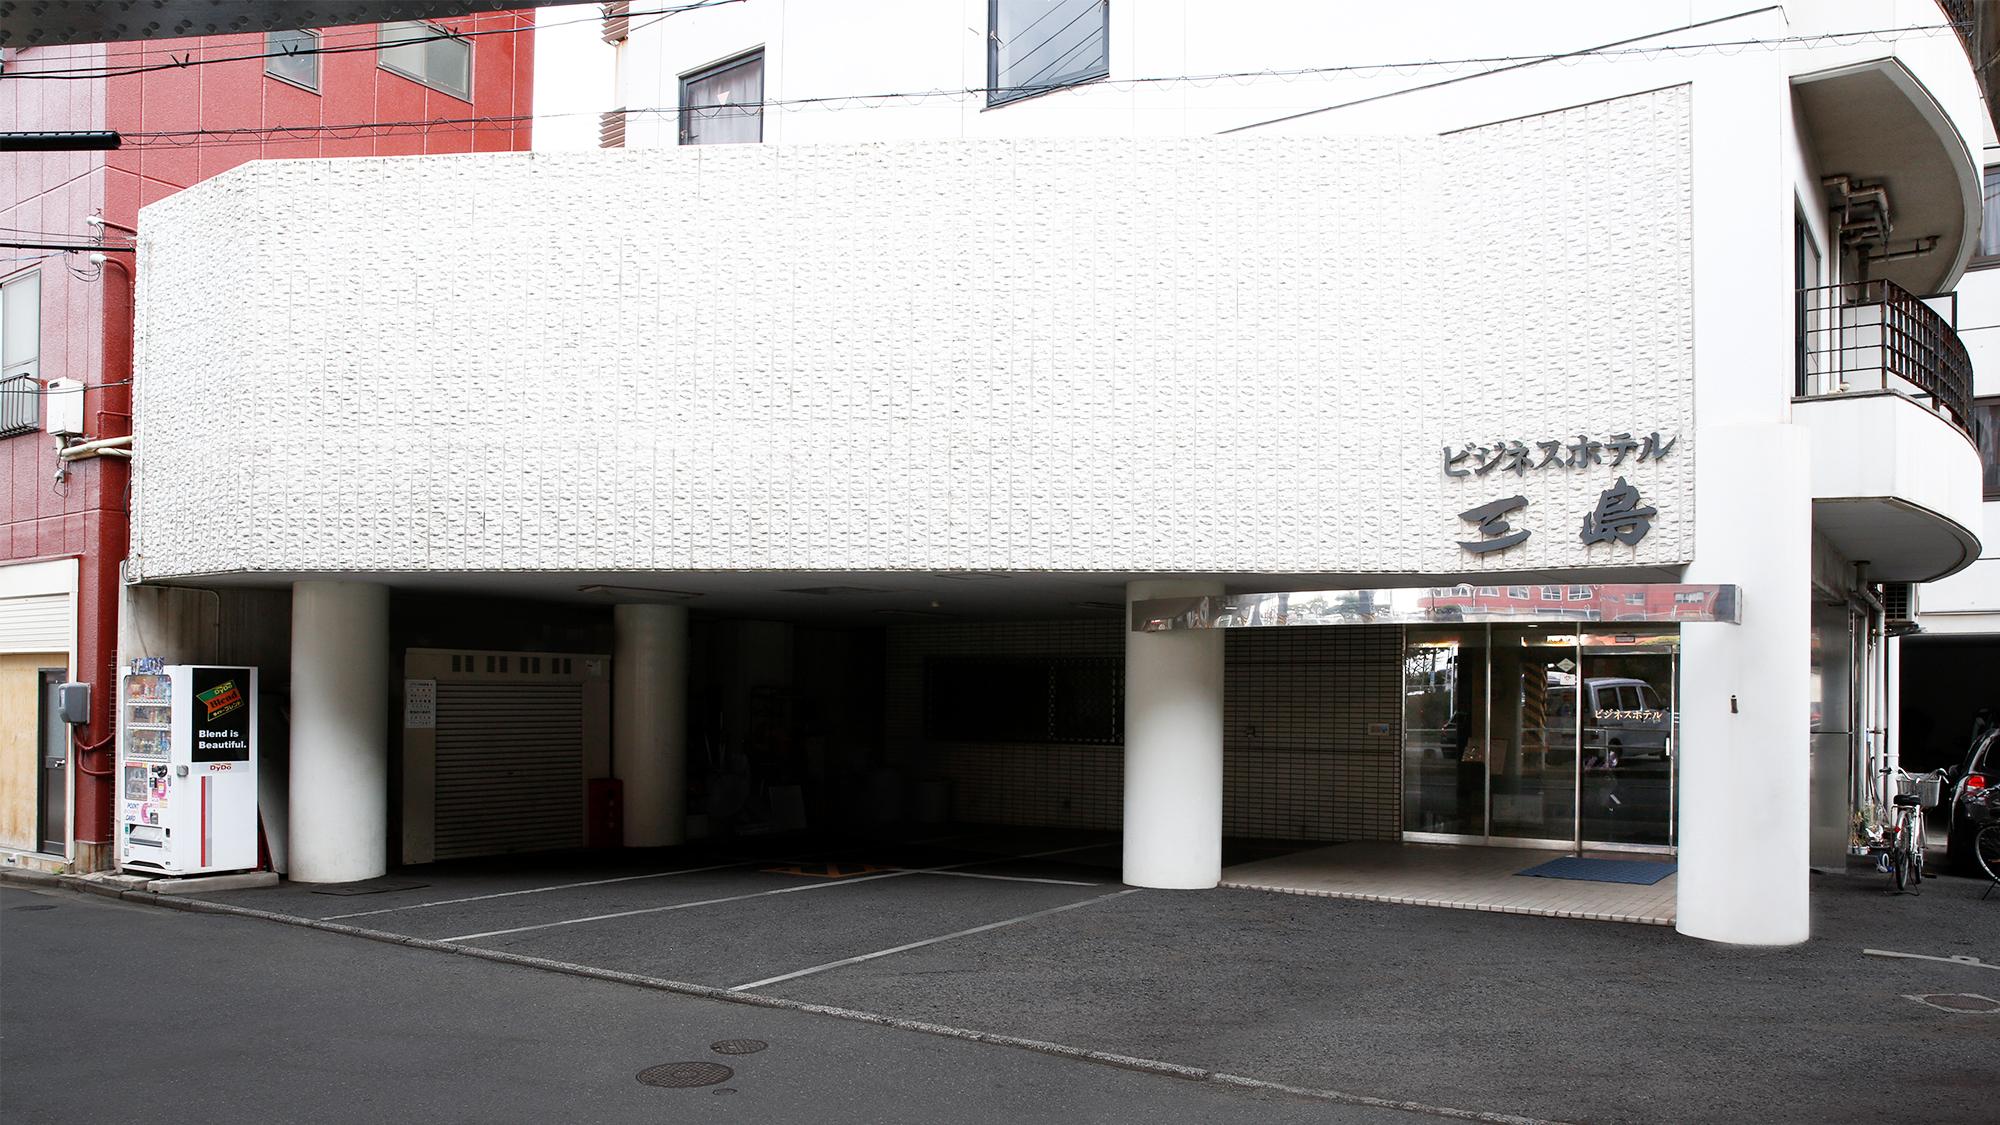 広島県呉市本通1-5-35 ビジネスホテル三島 -01